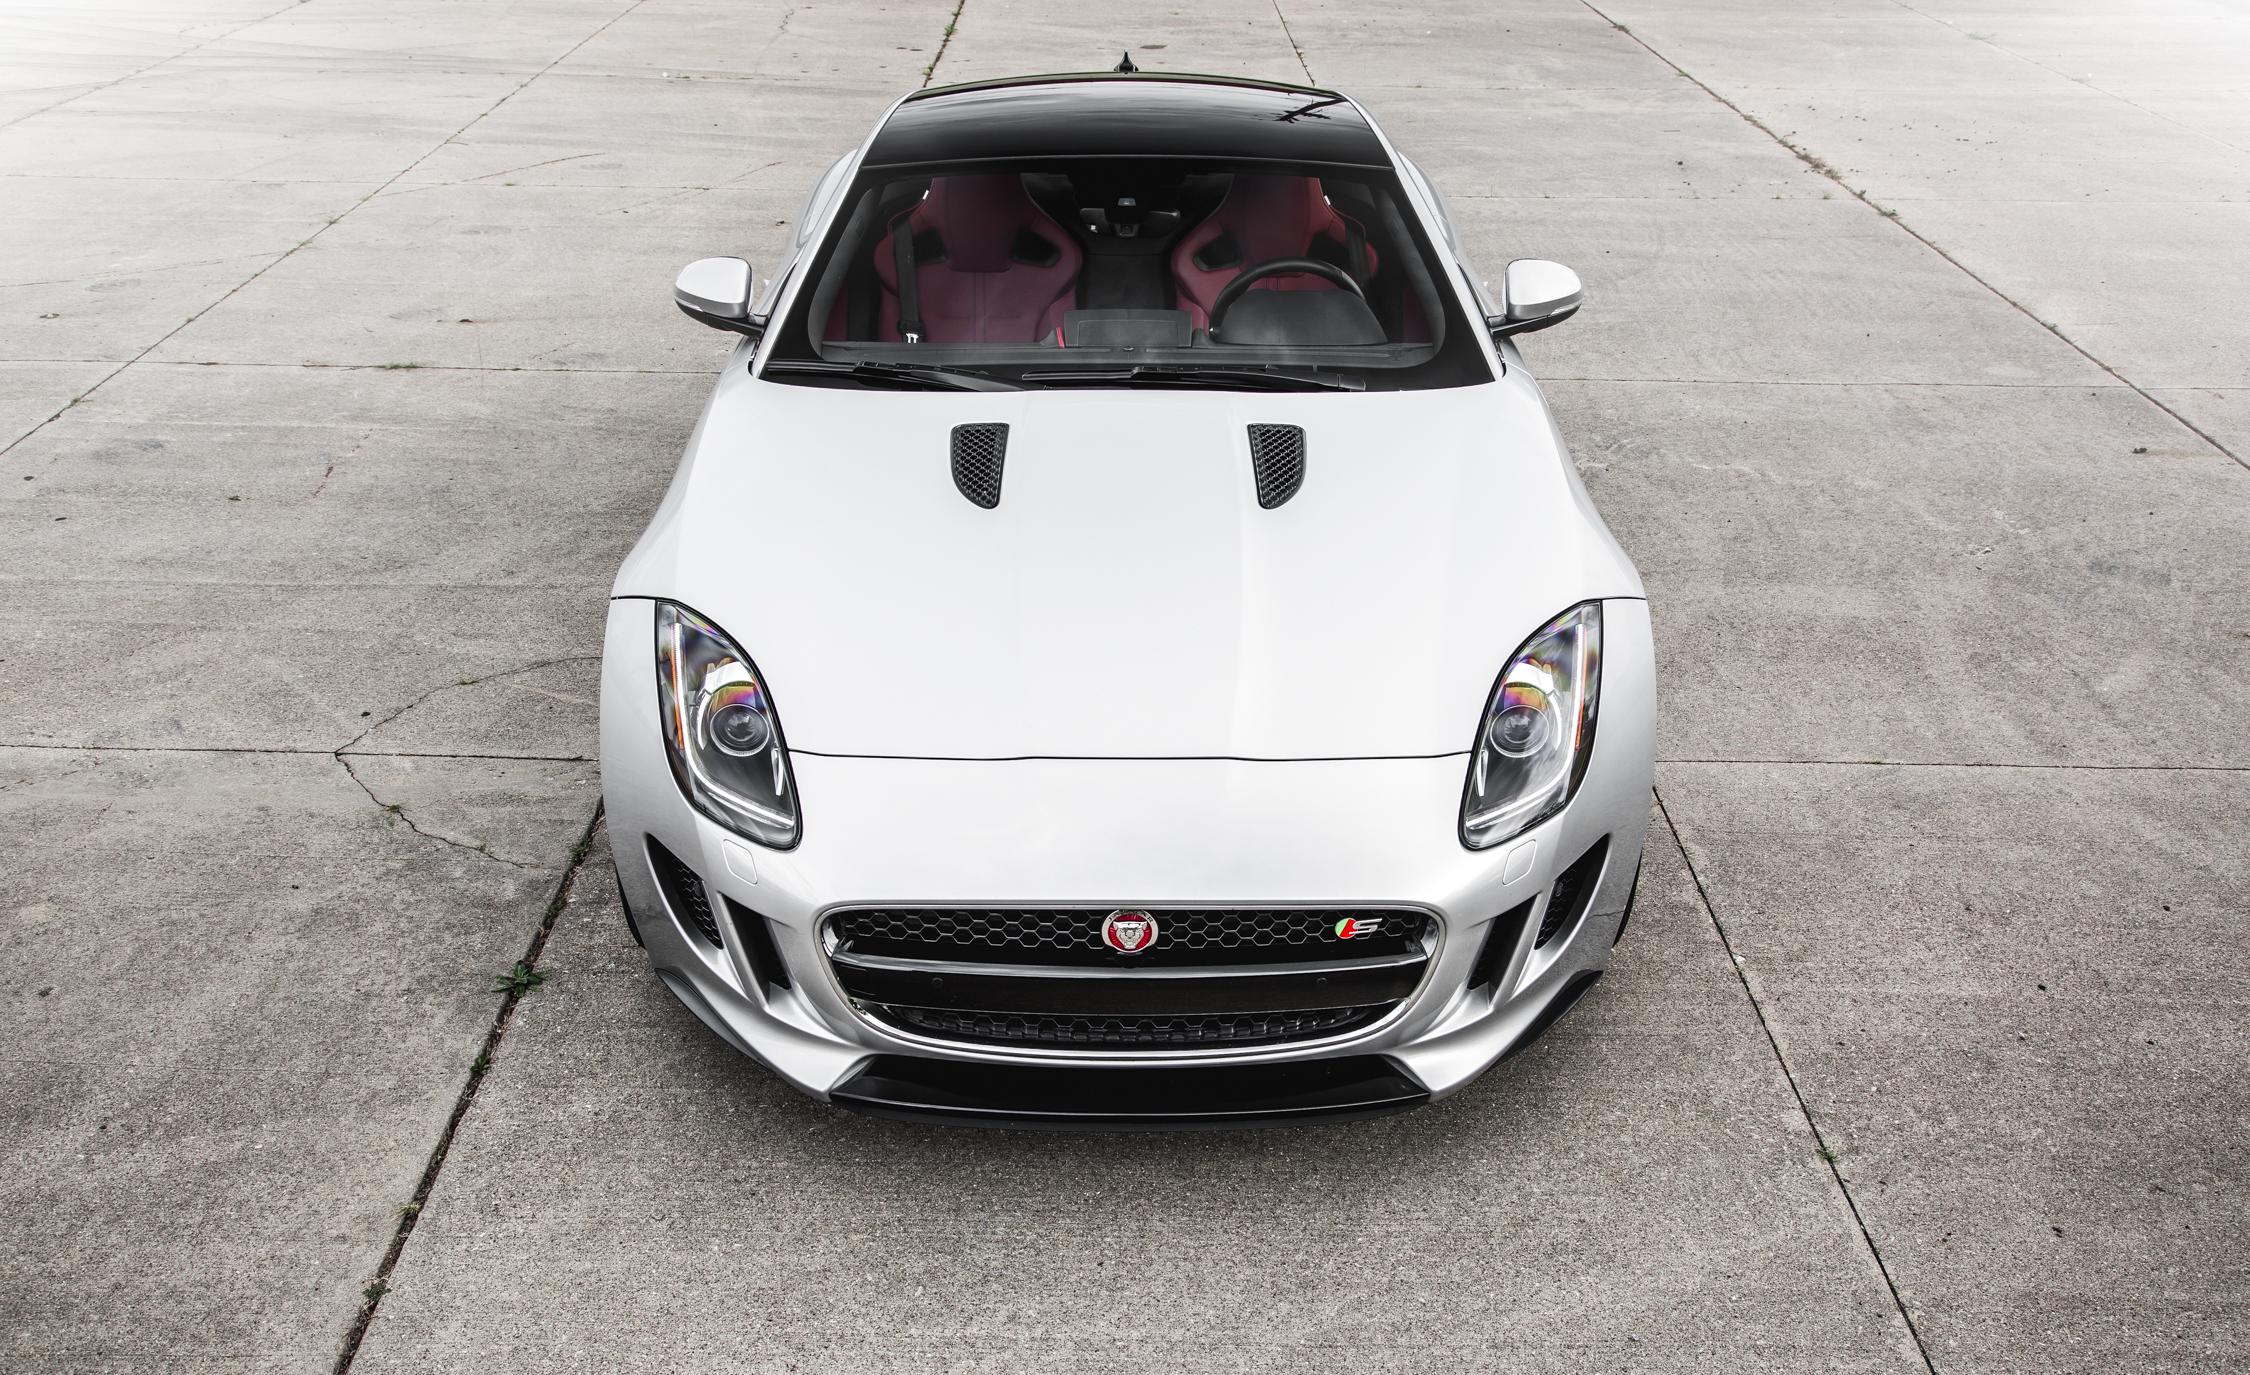 2016 Jaguar F-Type S Exterior Front